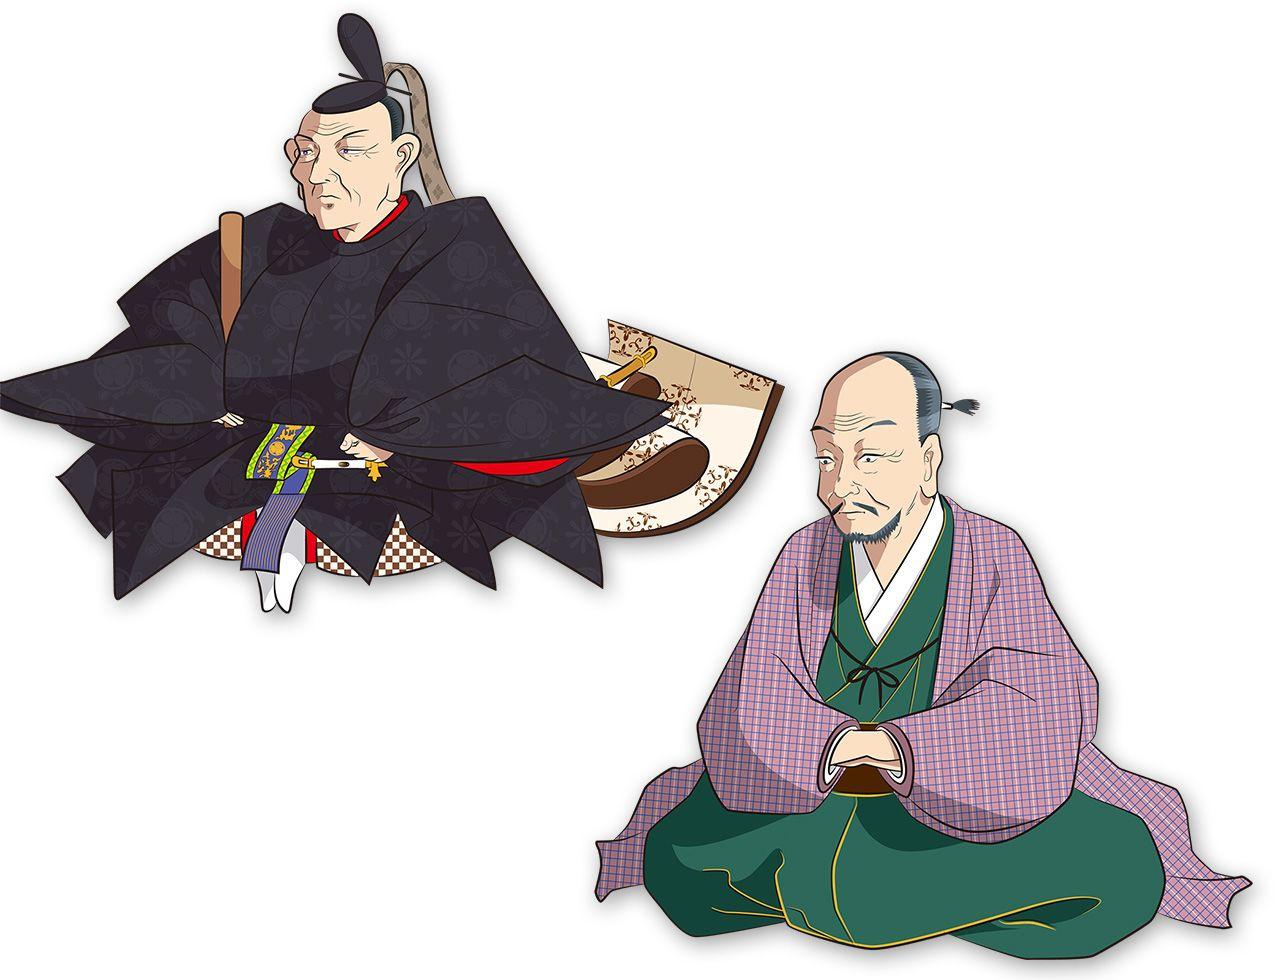 Слева – Токугава Ёсимунэ, восьмой сёгун Токугава, считающийся выдающимся правителем и организатором реформ годов Кёхо. Даже Ёсимунэ было крайне сложно изменить систему санкин котай. Справа – Муро Кюсо, литератор и конфуцианец, который помогал Ёсимунэ в проведении реформ Кёхо, в том числе работал над реформированием системы санкин котай (иллюстрация Сато Датаси)